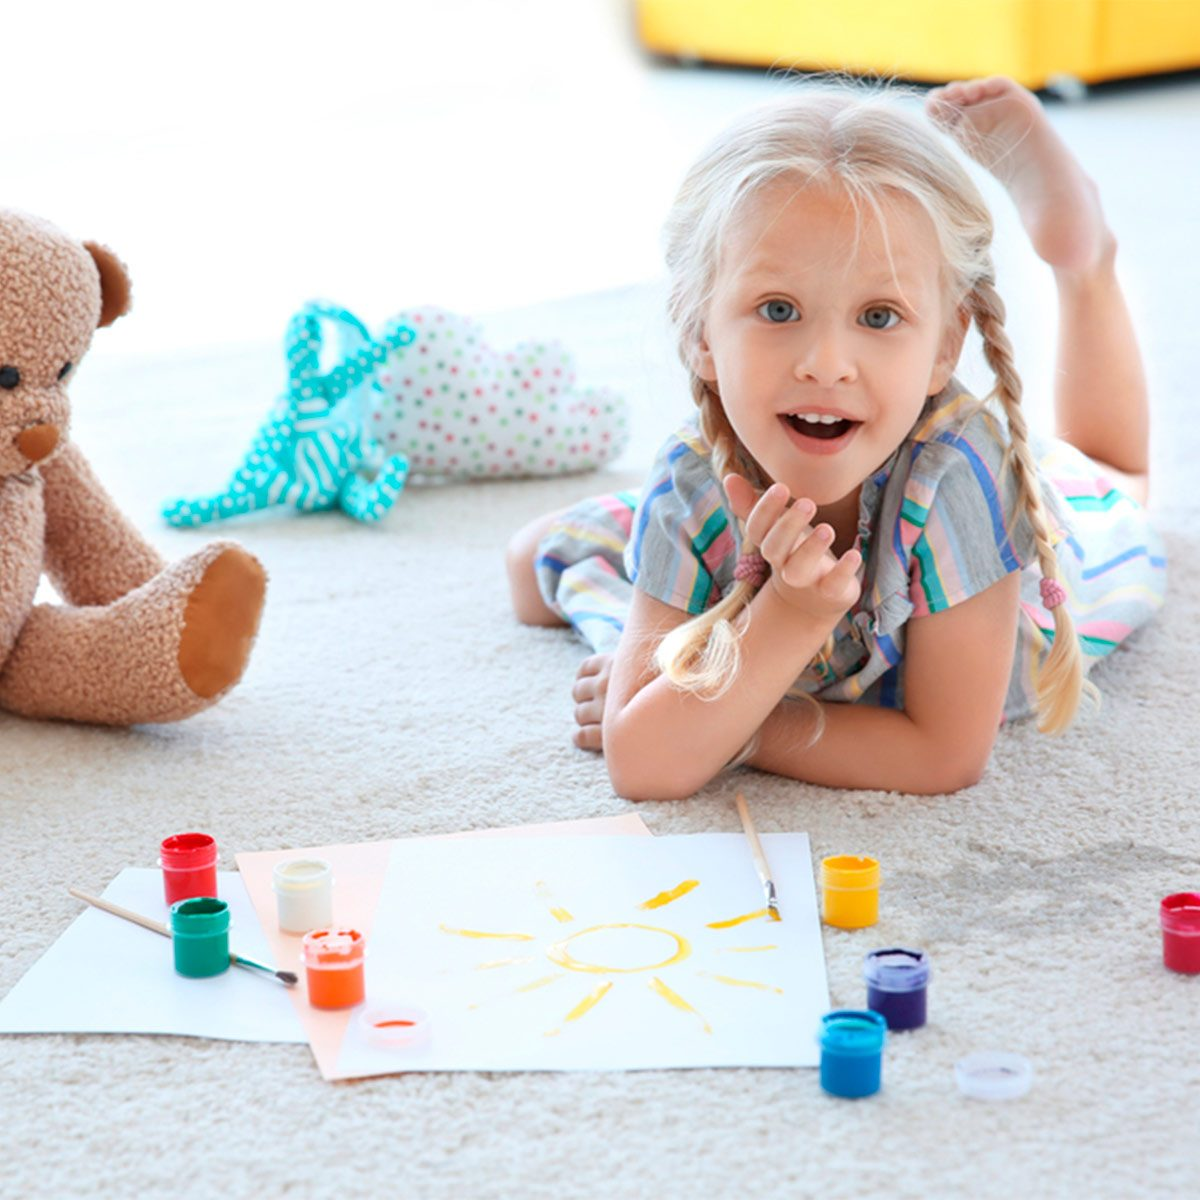 little girl painting on carpet